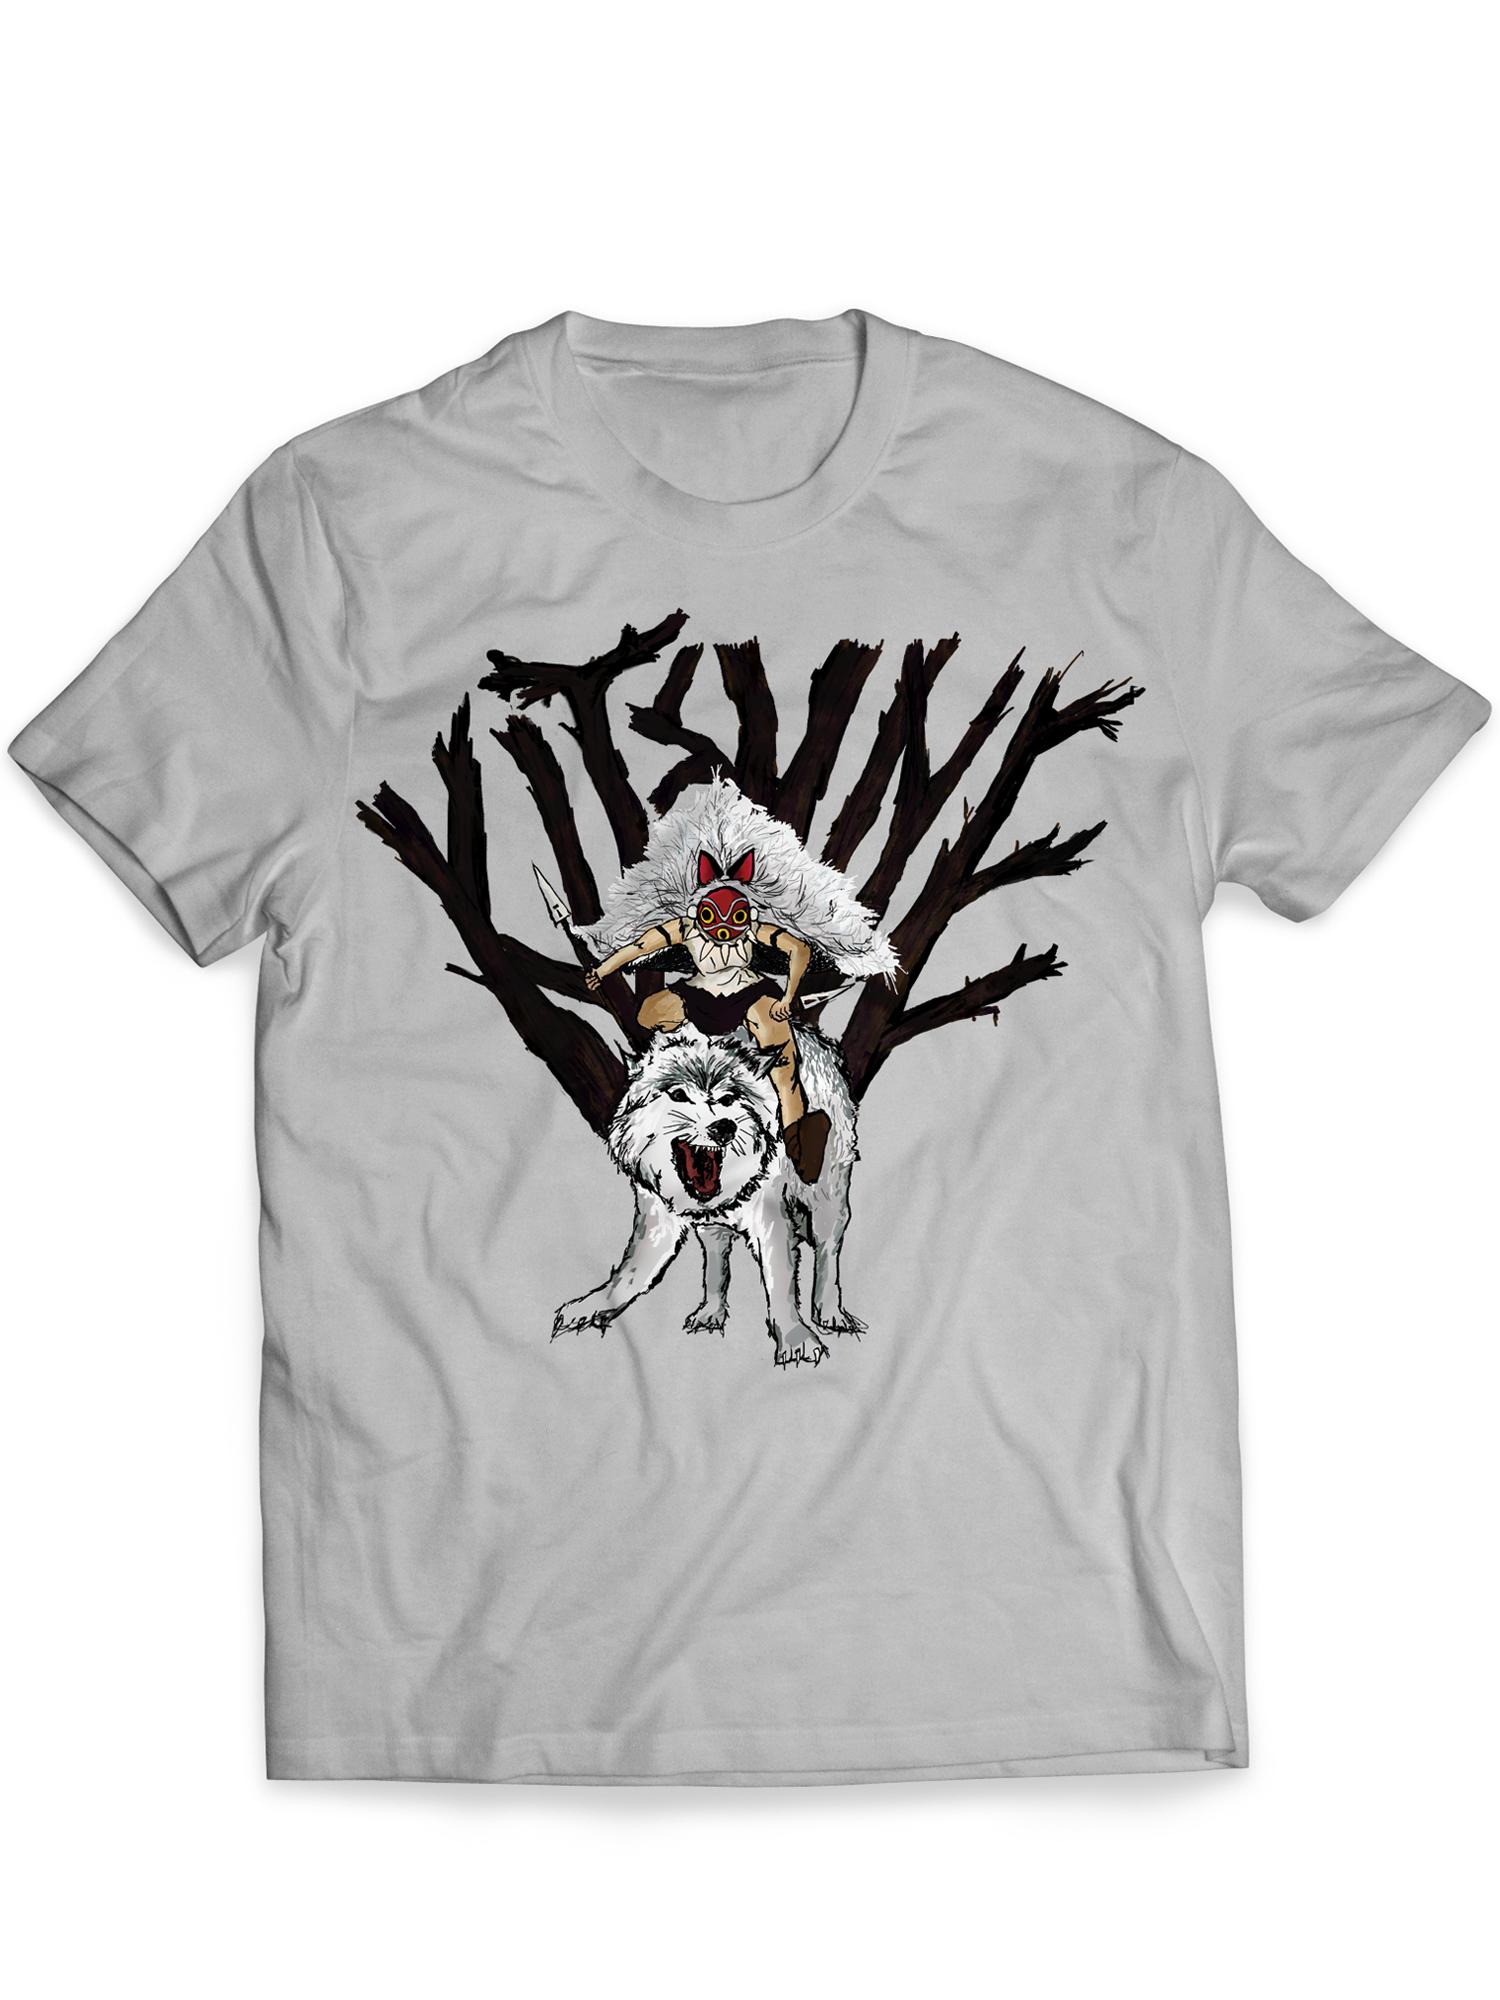 Kitsune Shirt